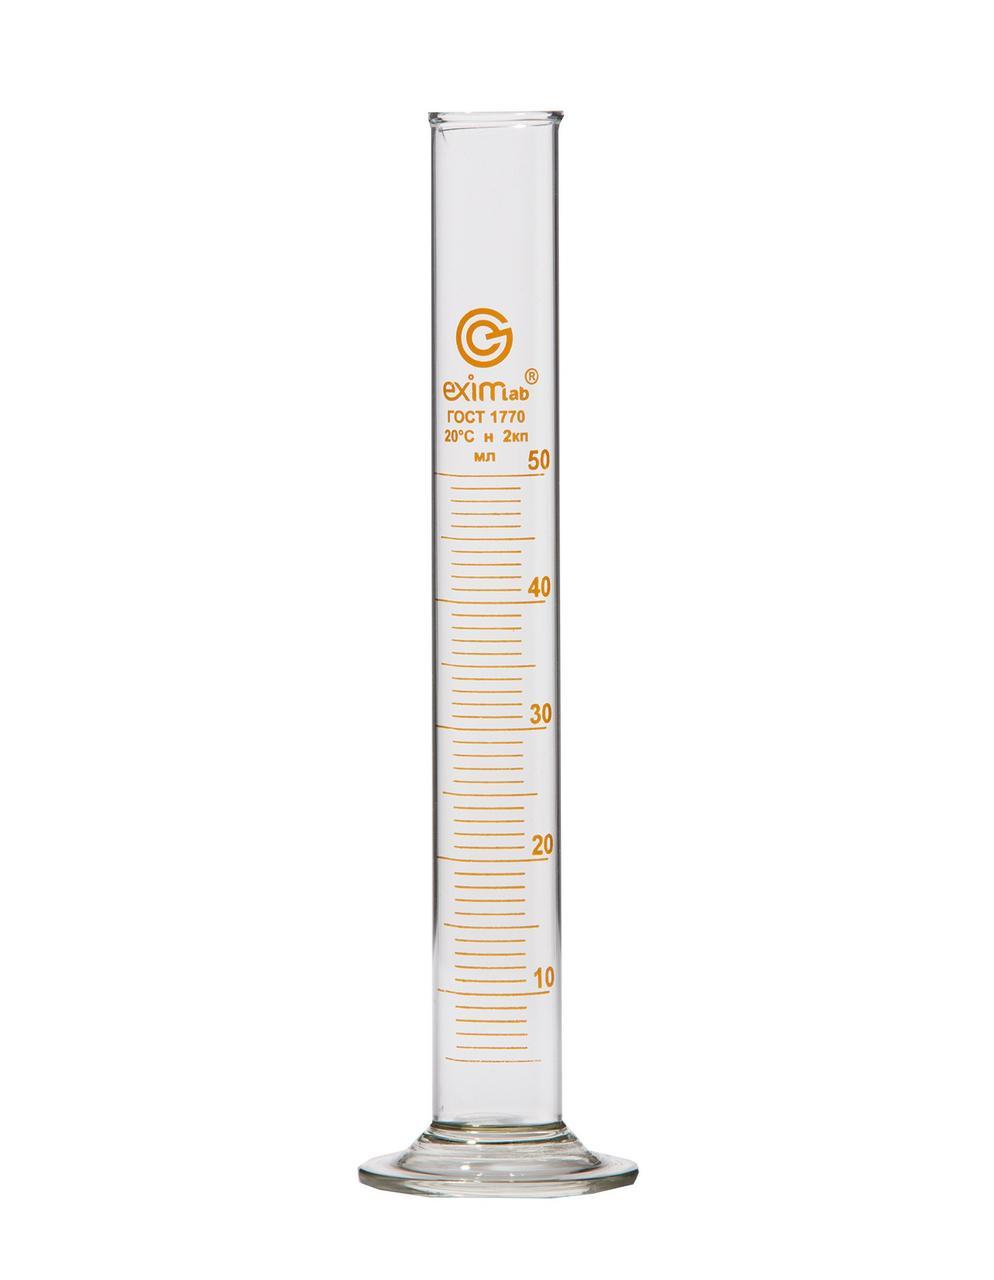 Цилиндр мерный на стеклянном основании, с пришлифованной пробкой   2-1000-2